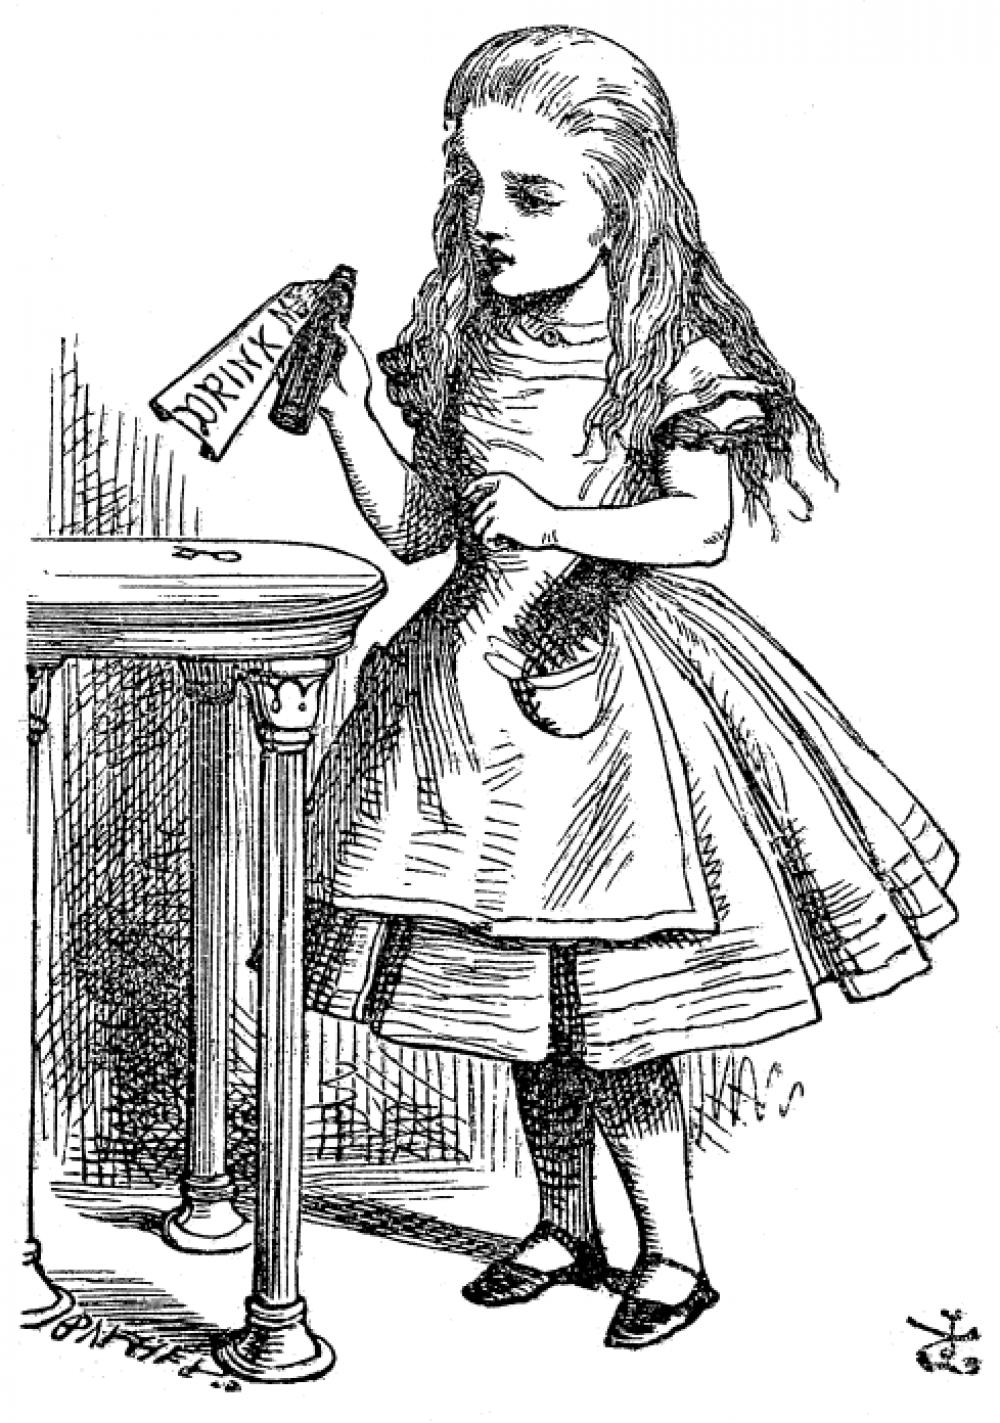 Однако Кэрролл рисовал скорее на любительском уровне, поэтому для первой публикации автор стал сотрудничать с Джоном Тенниелом, который создал 42 чёрно-белые иллюстрации. Среди издателей именно иллюстрации Тенниела остаются наиболее популярными.